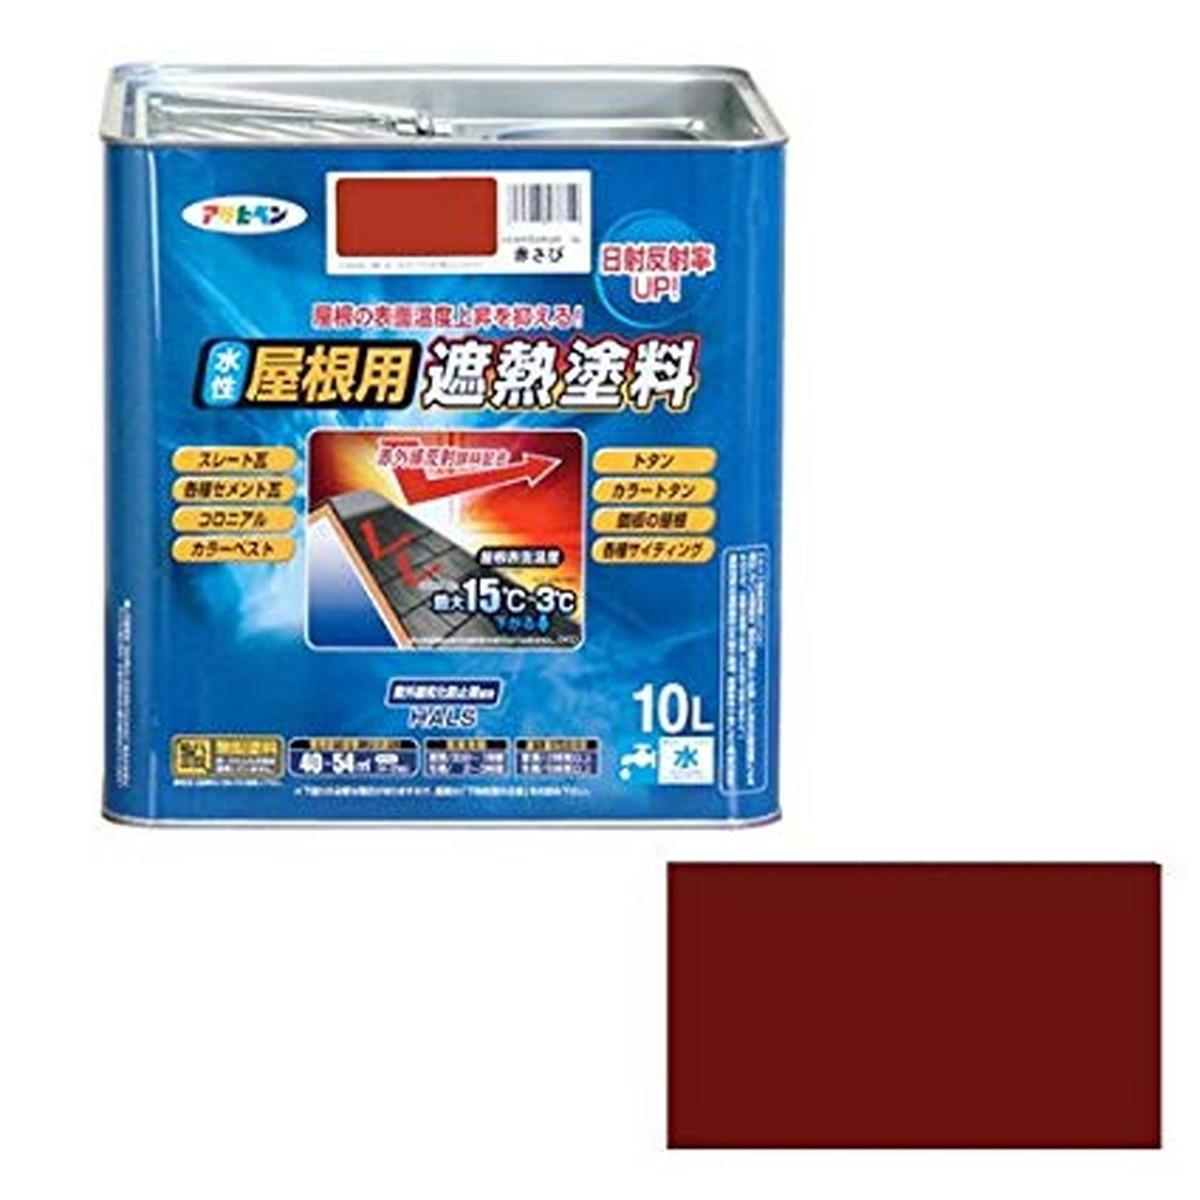 アサヒペン ペンキ 水性屋根用遮熱塗料 赤さび 10L